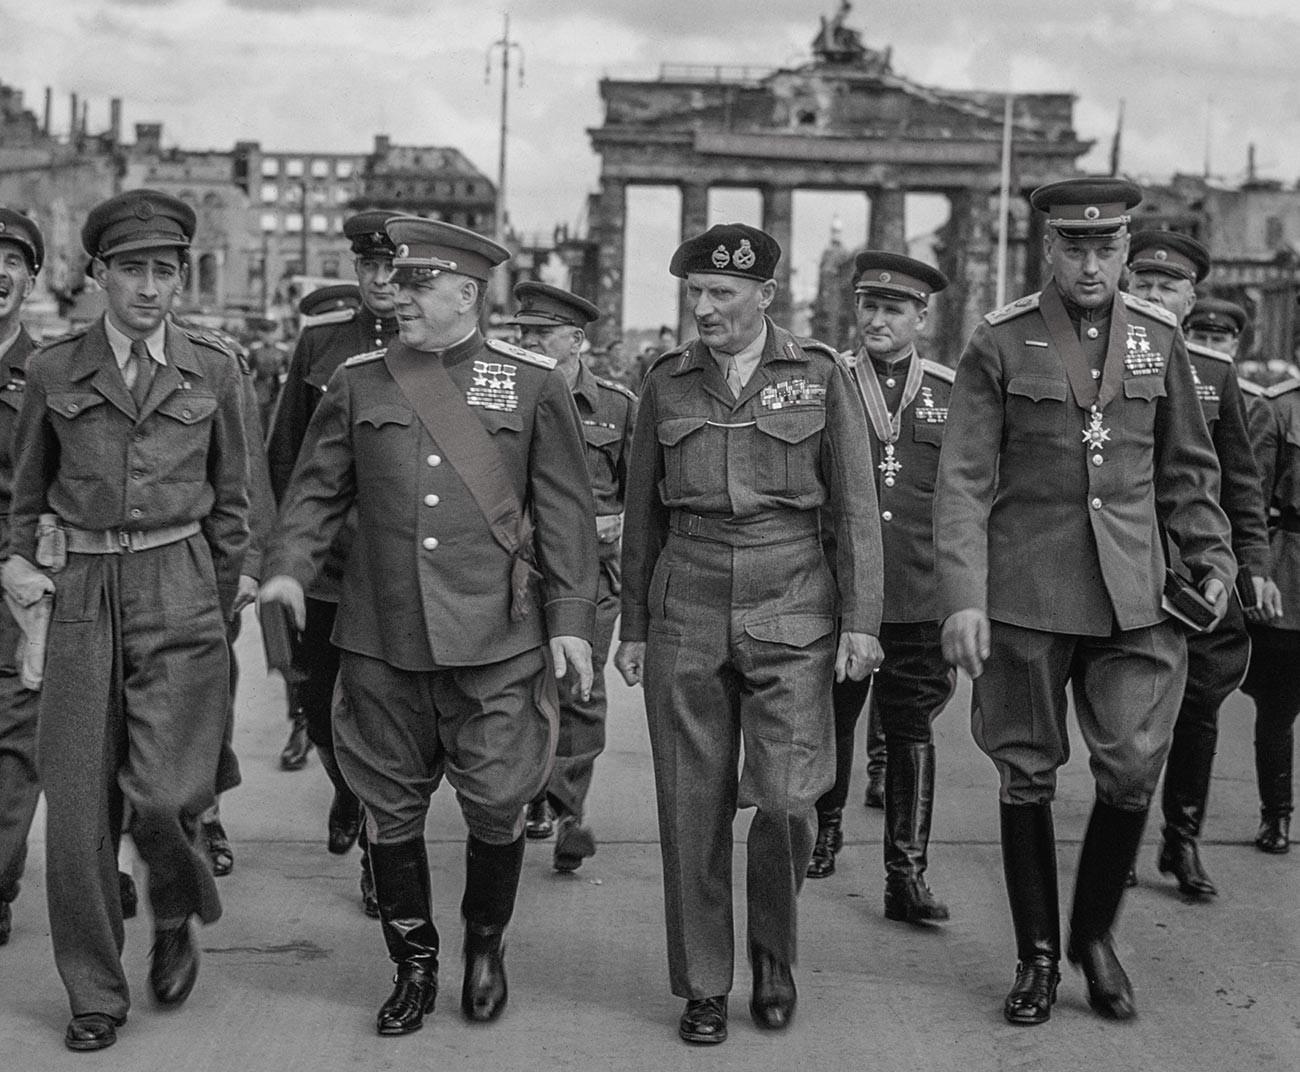 Велики отаџбински рат 1941-1945. Северозападни фронт 1942. Заменик врховног команданта Црвене армије маршал Г. Жуков, командант 21. групе армија фелдмаршал Бернард Монтгомери, маршал К. Рокосовски и генерал Црвене армије Соколовски напуштају Бранденбуршку капију након церемоније.